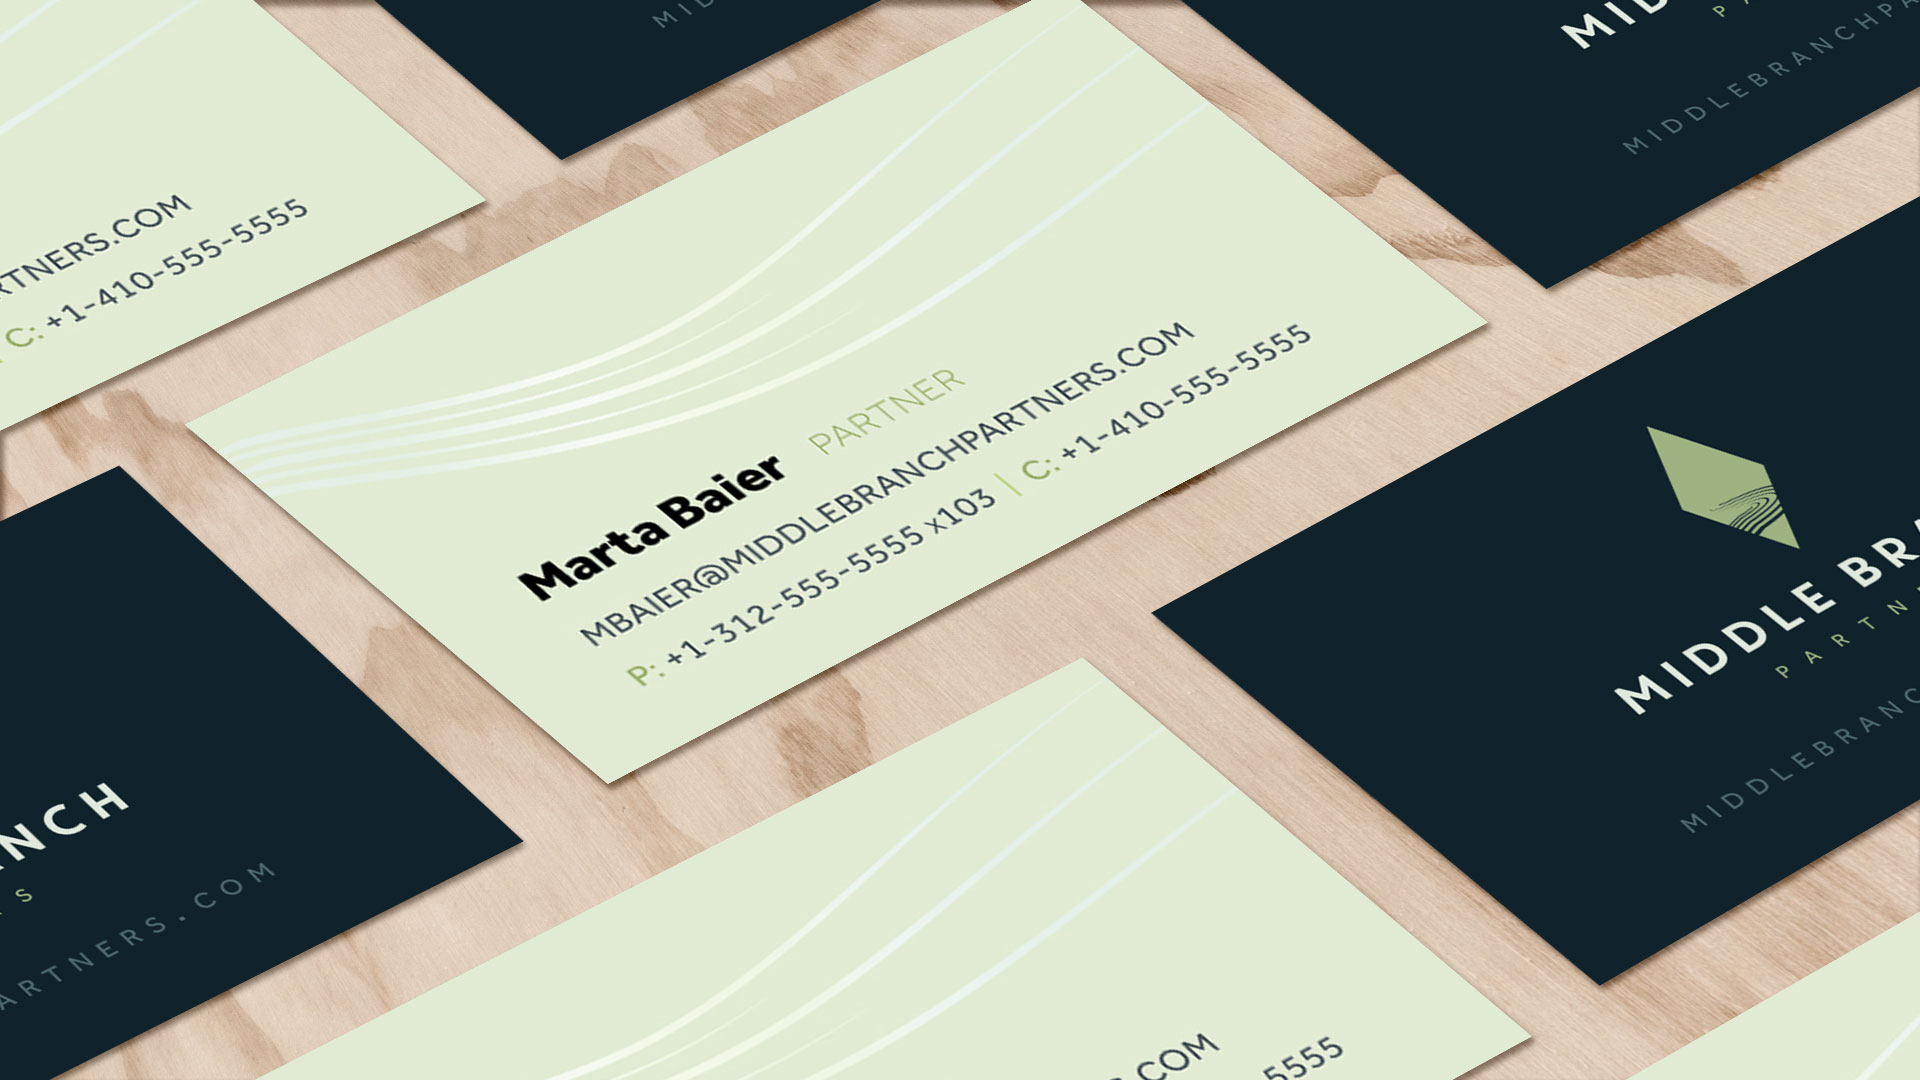 MBP-businesscardmockups-2.jpg